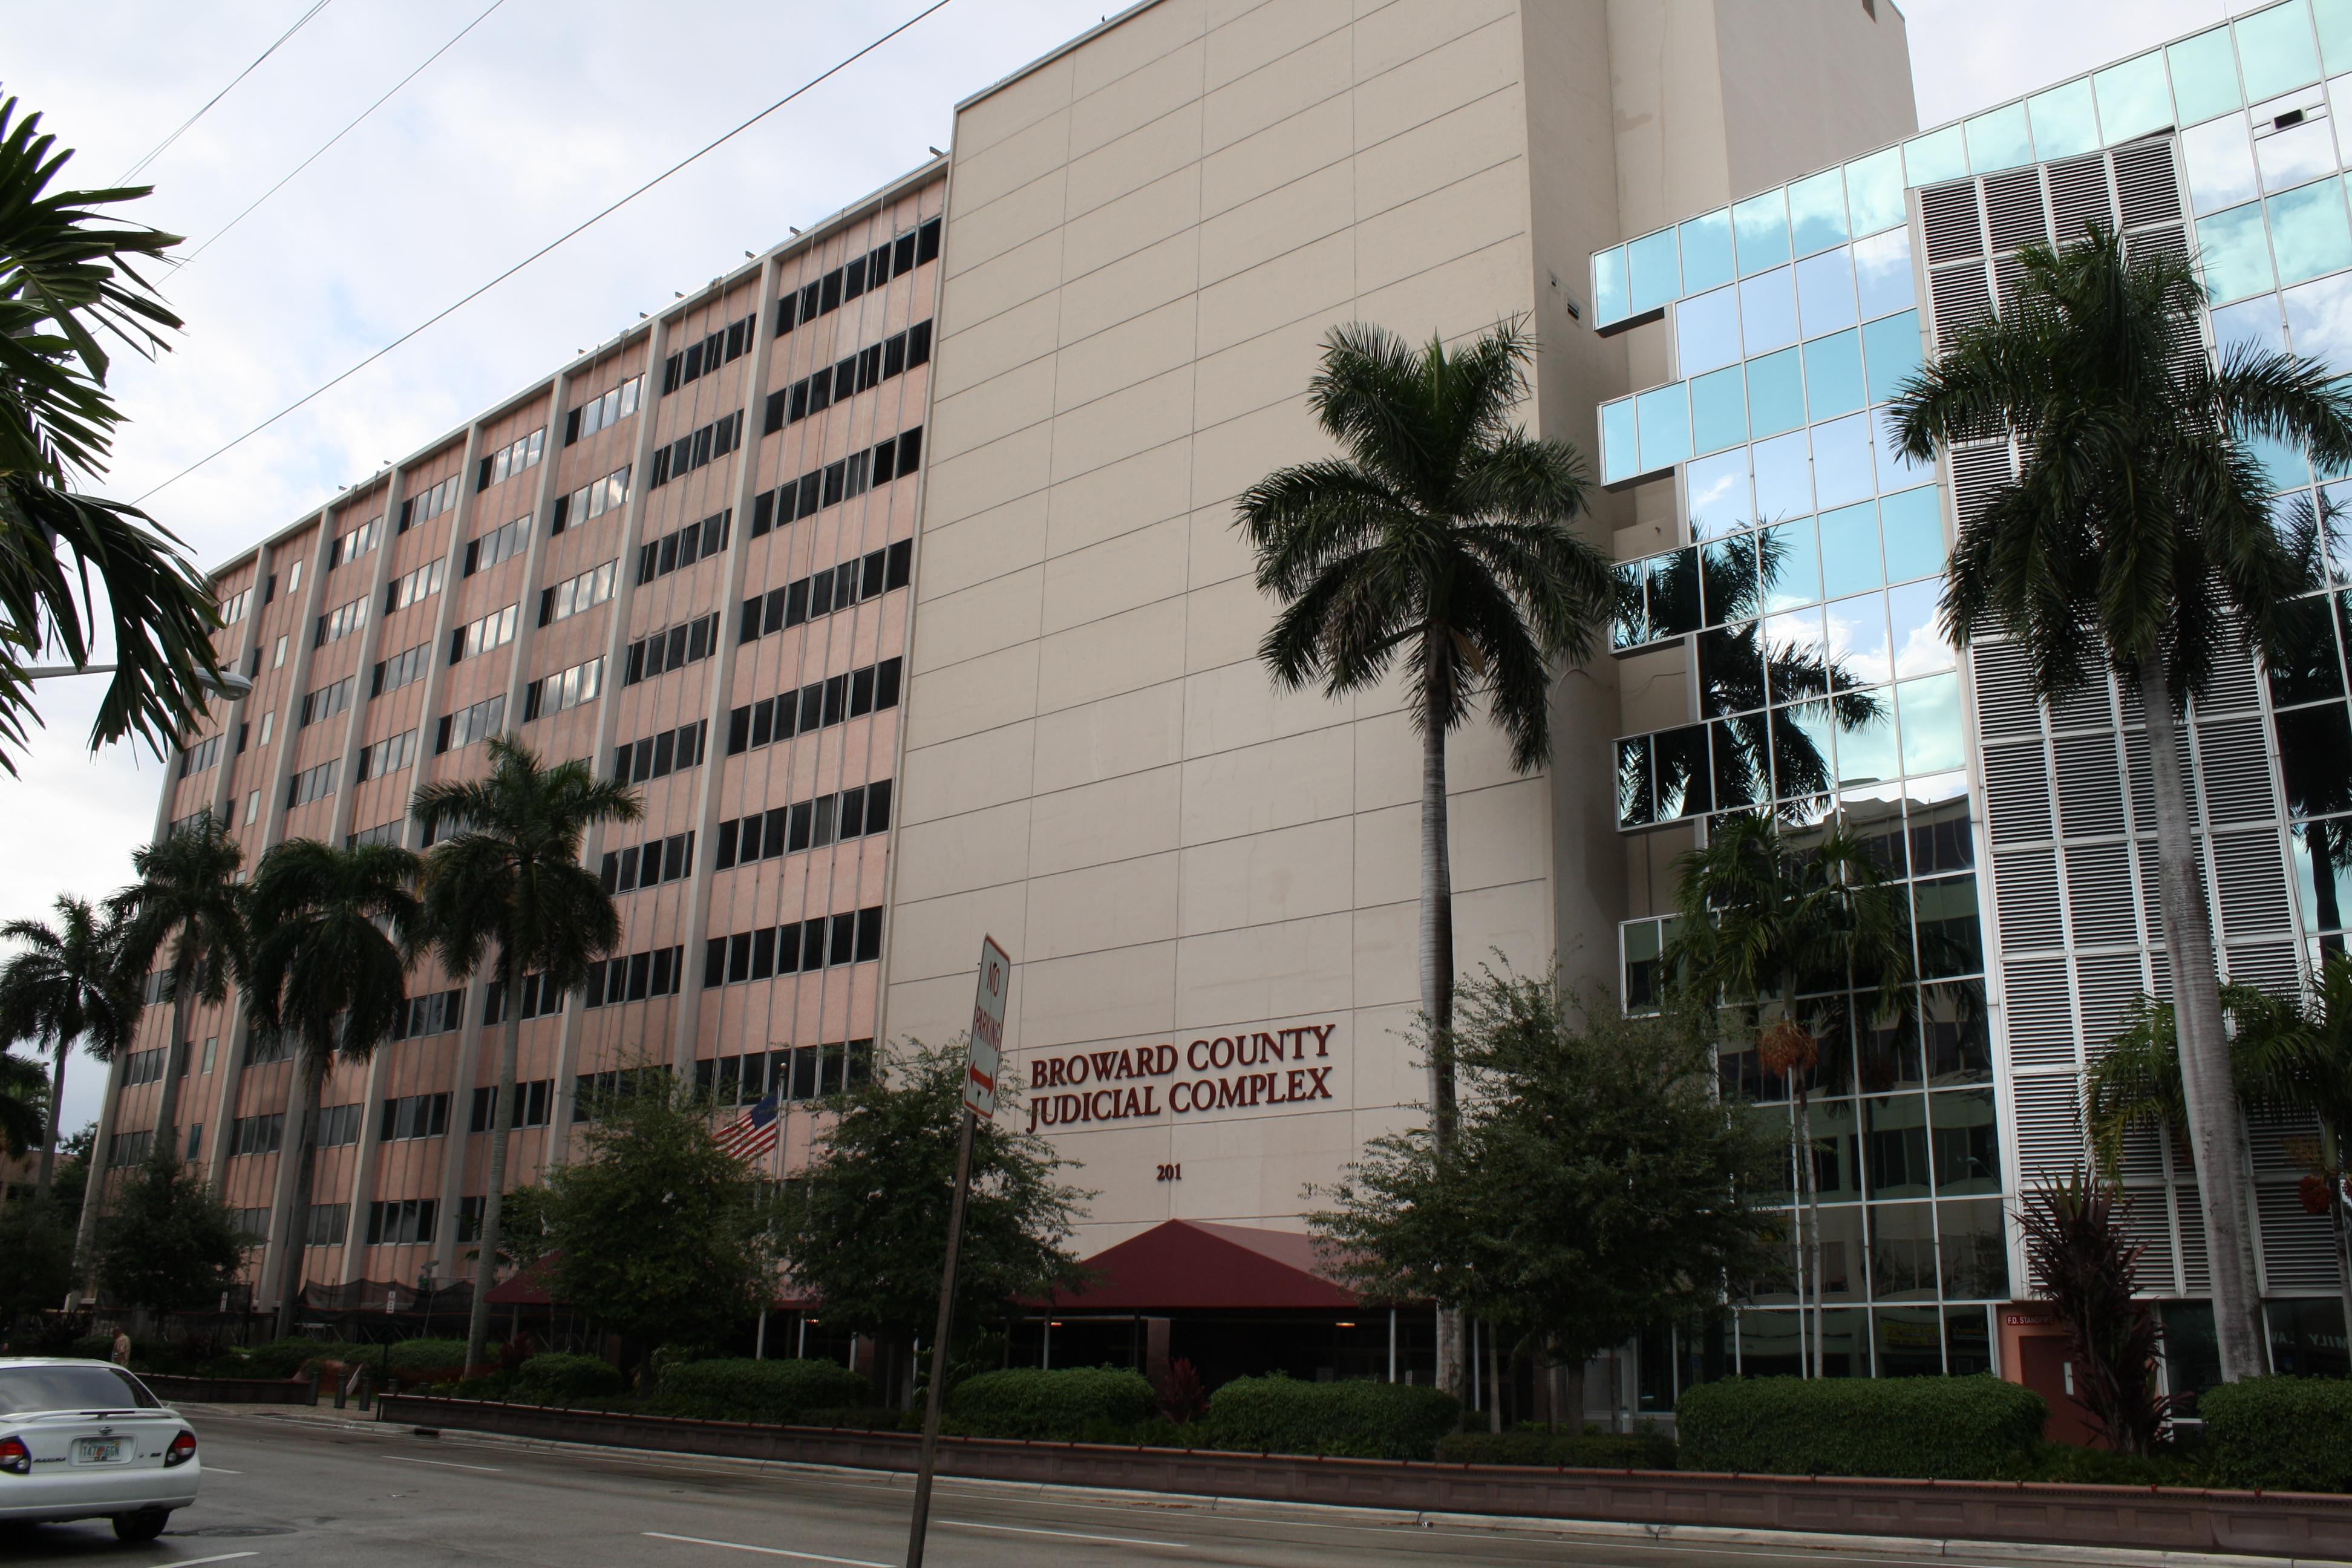 City Of Ft Lauderdale Fl Building Department